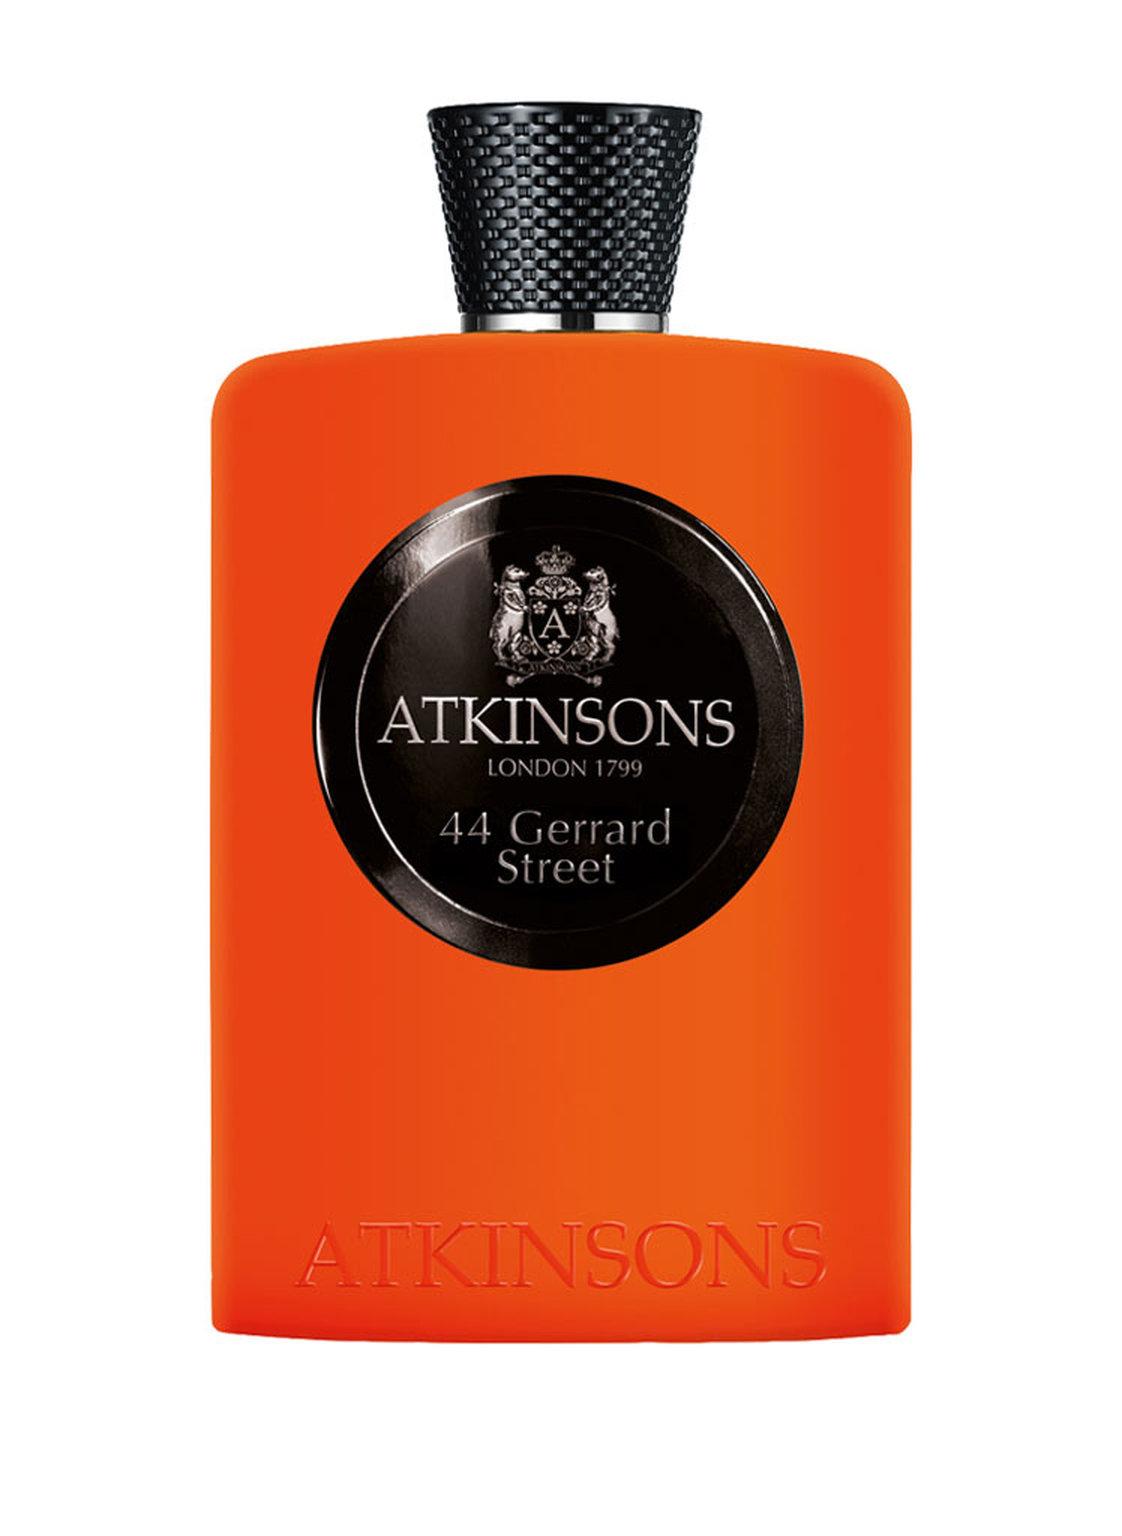 Image of Atkinsons 44 Gerrard Street Eau de Cologne 100 ml